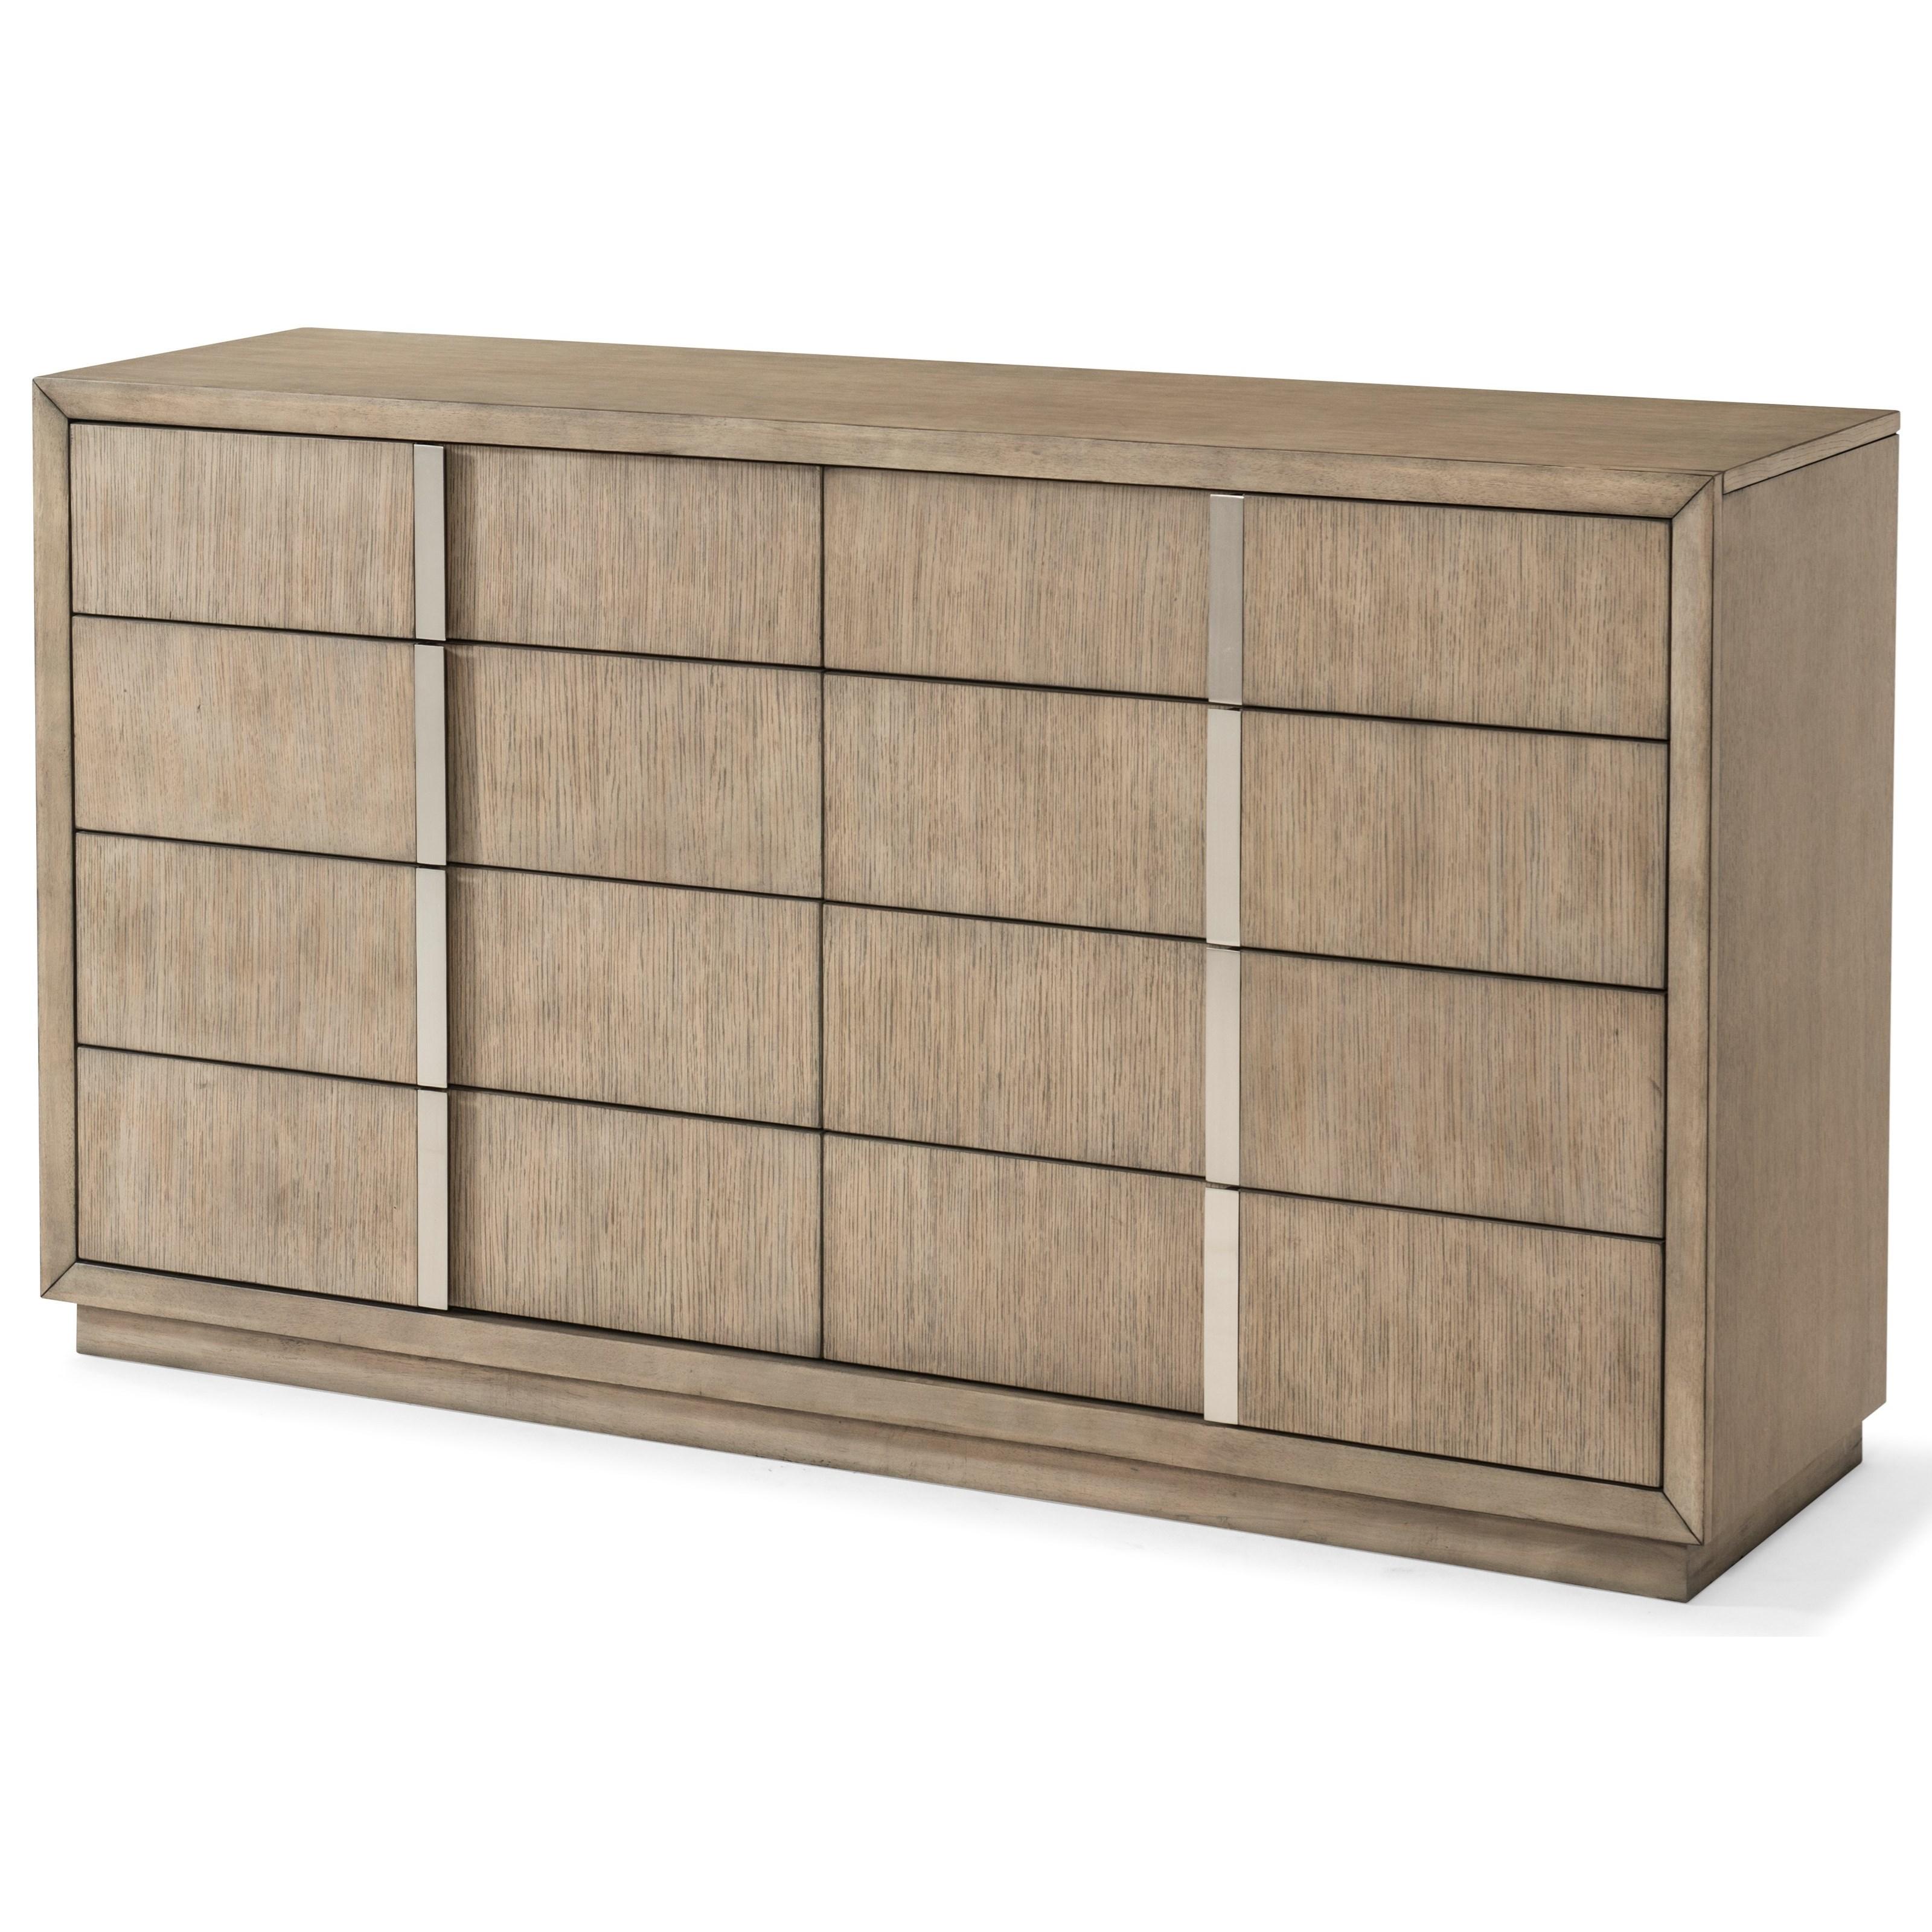 Melbourne 8 Drawer Dresser by Klaussner International at HomeWorld Furniture